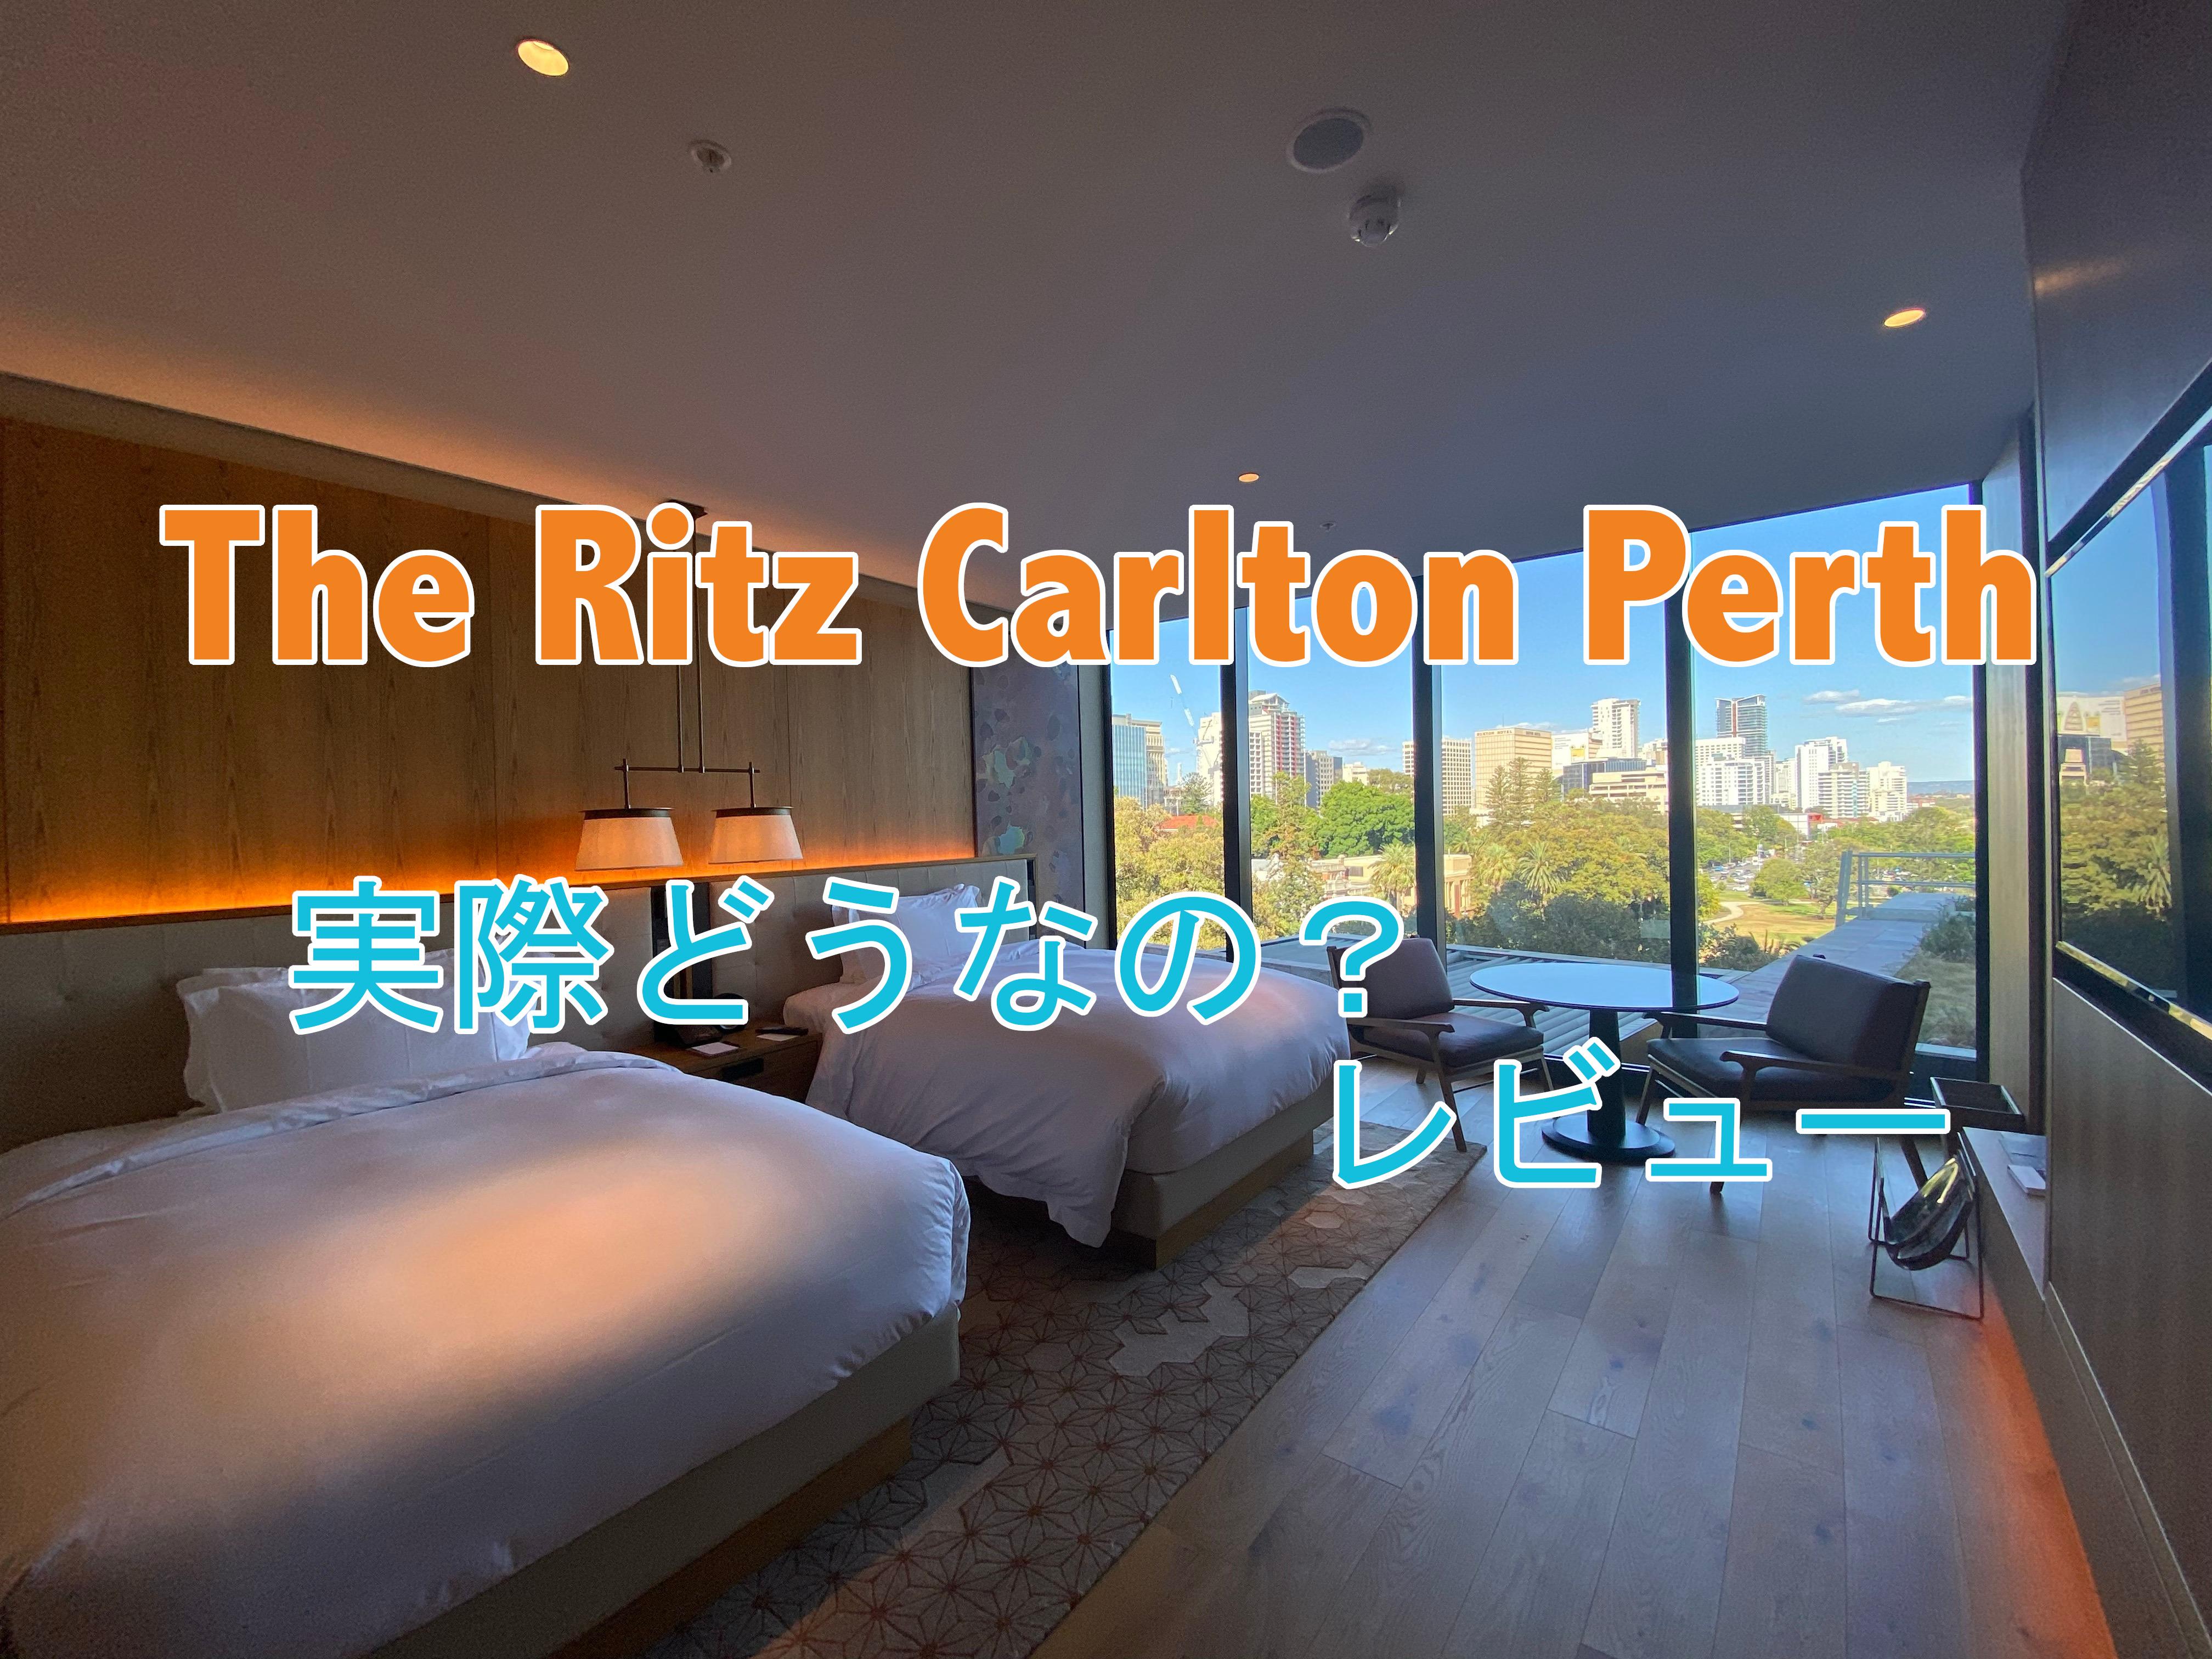 The Ritz Carlton Perth口コミ/感想/レビューと予約方法